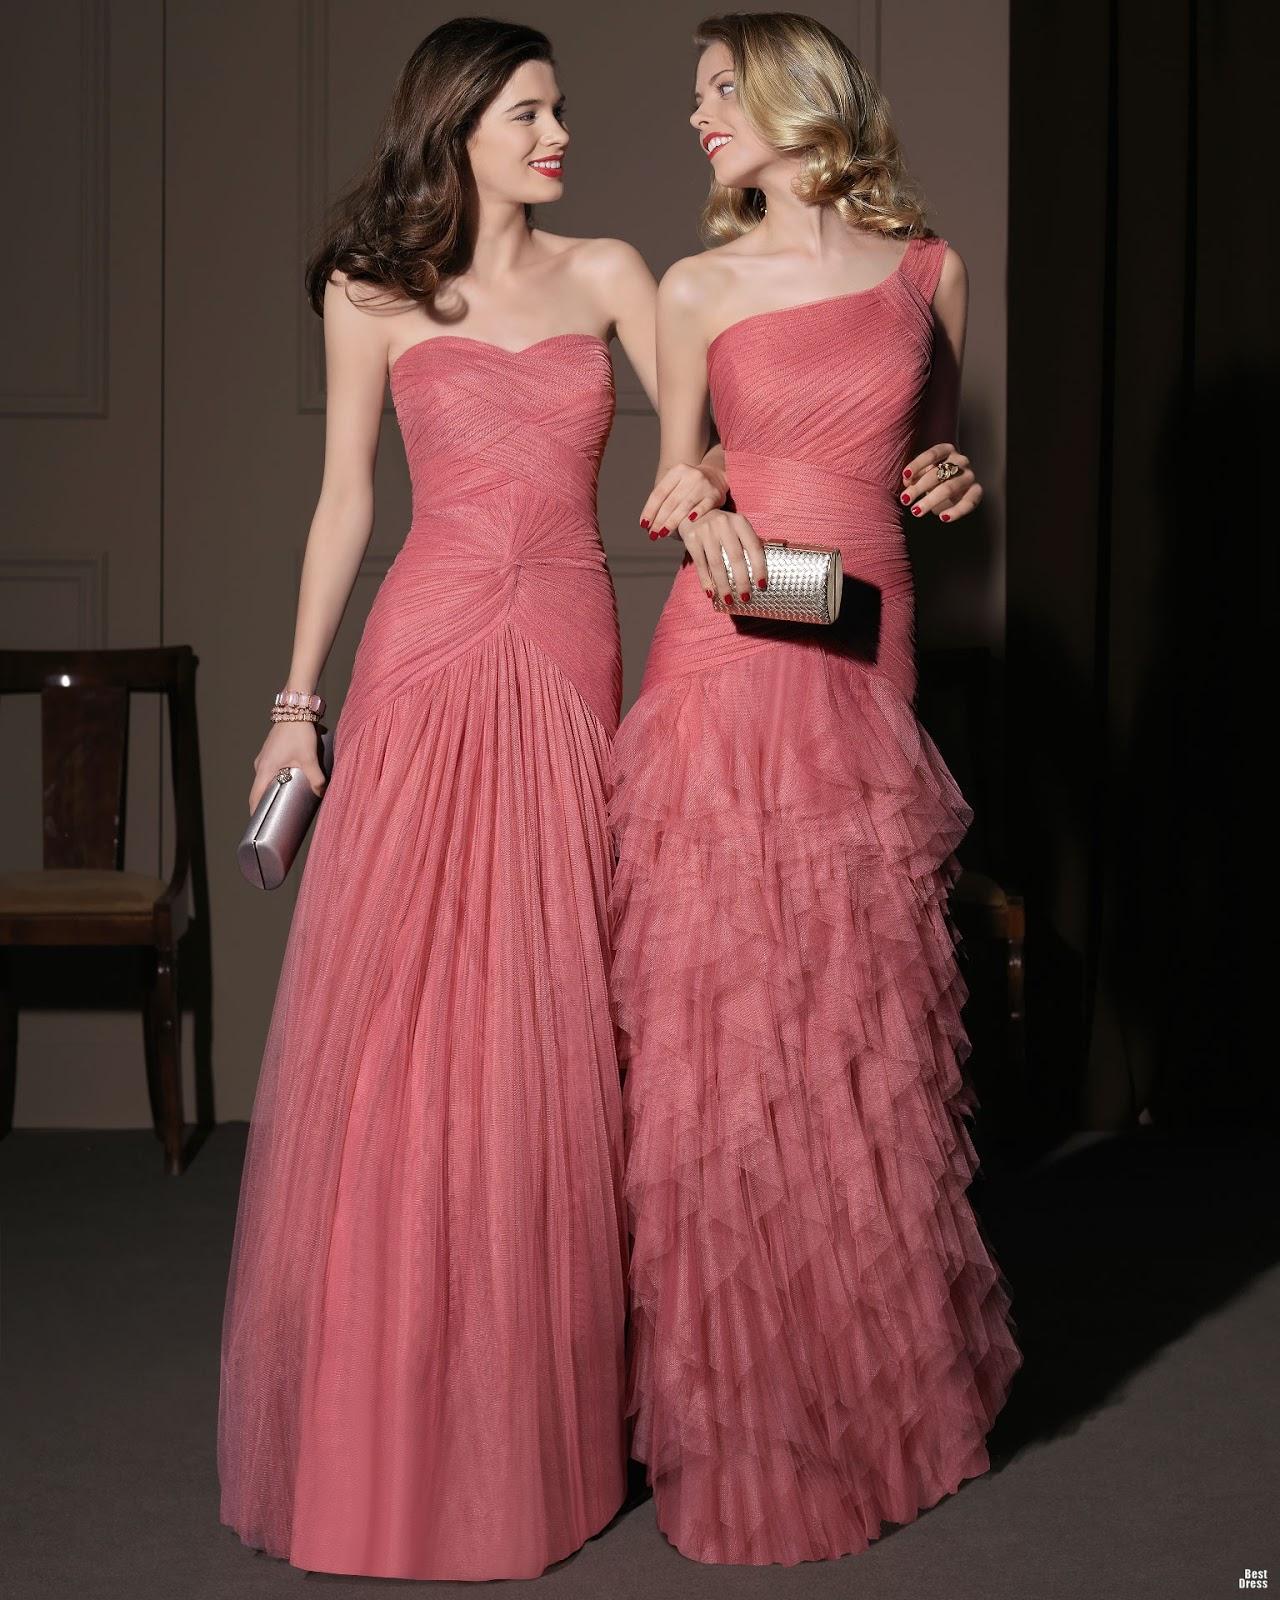 Hermosos vestidos elegantes para fiesta | Moda y vestidos largos ...